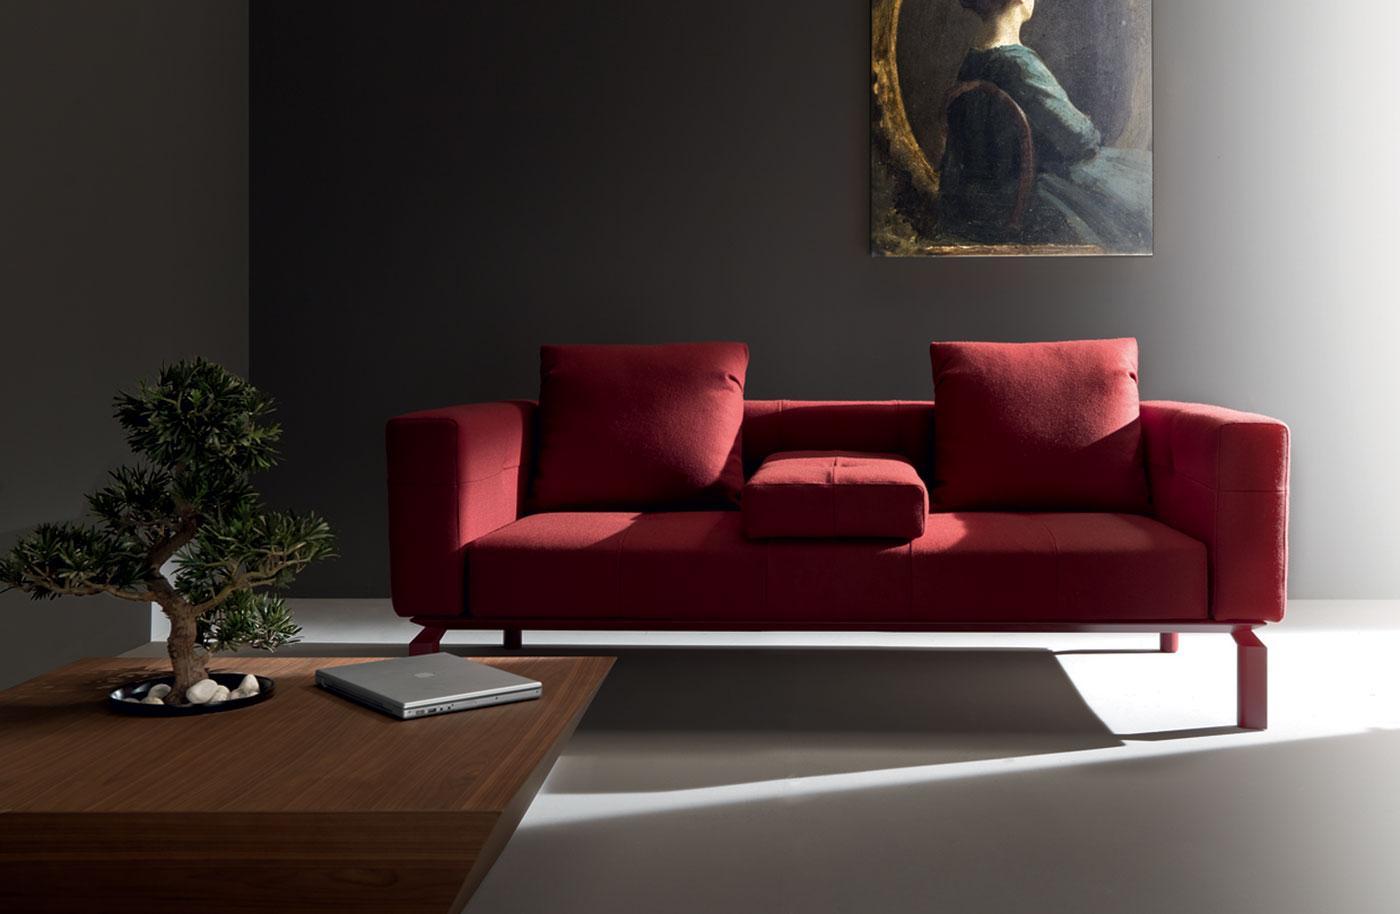 tavolino salotto soggiorno basso divano da fumo quadrato originale arredamento casa ufficio on line moderno di lusso 2015 design web made in italy prese